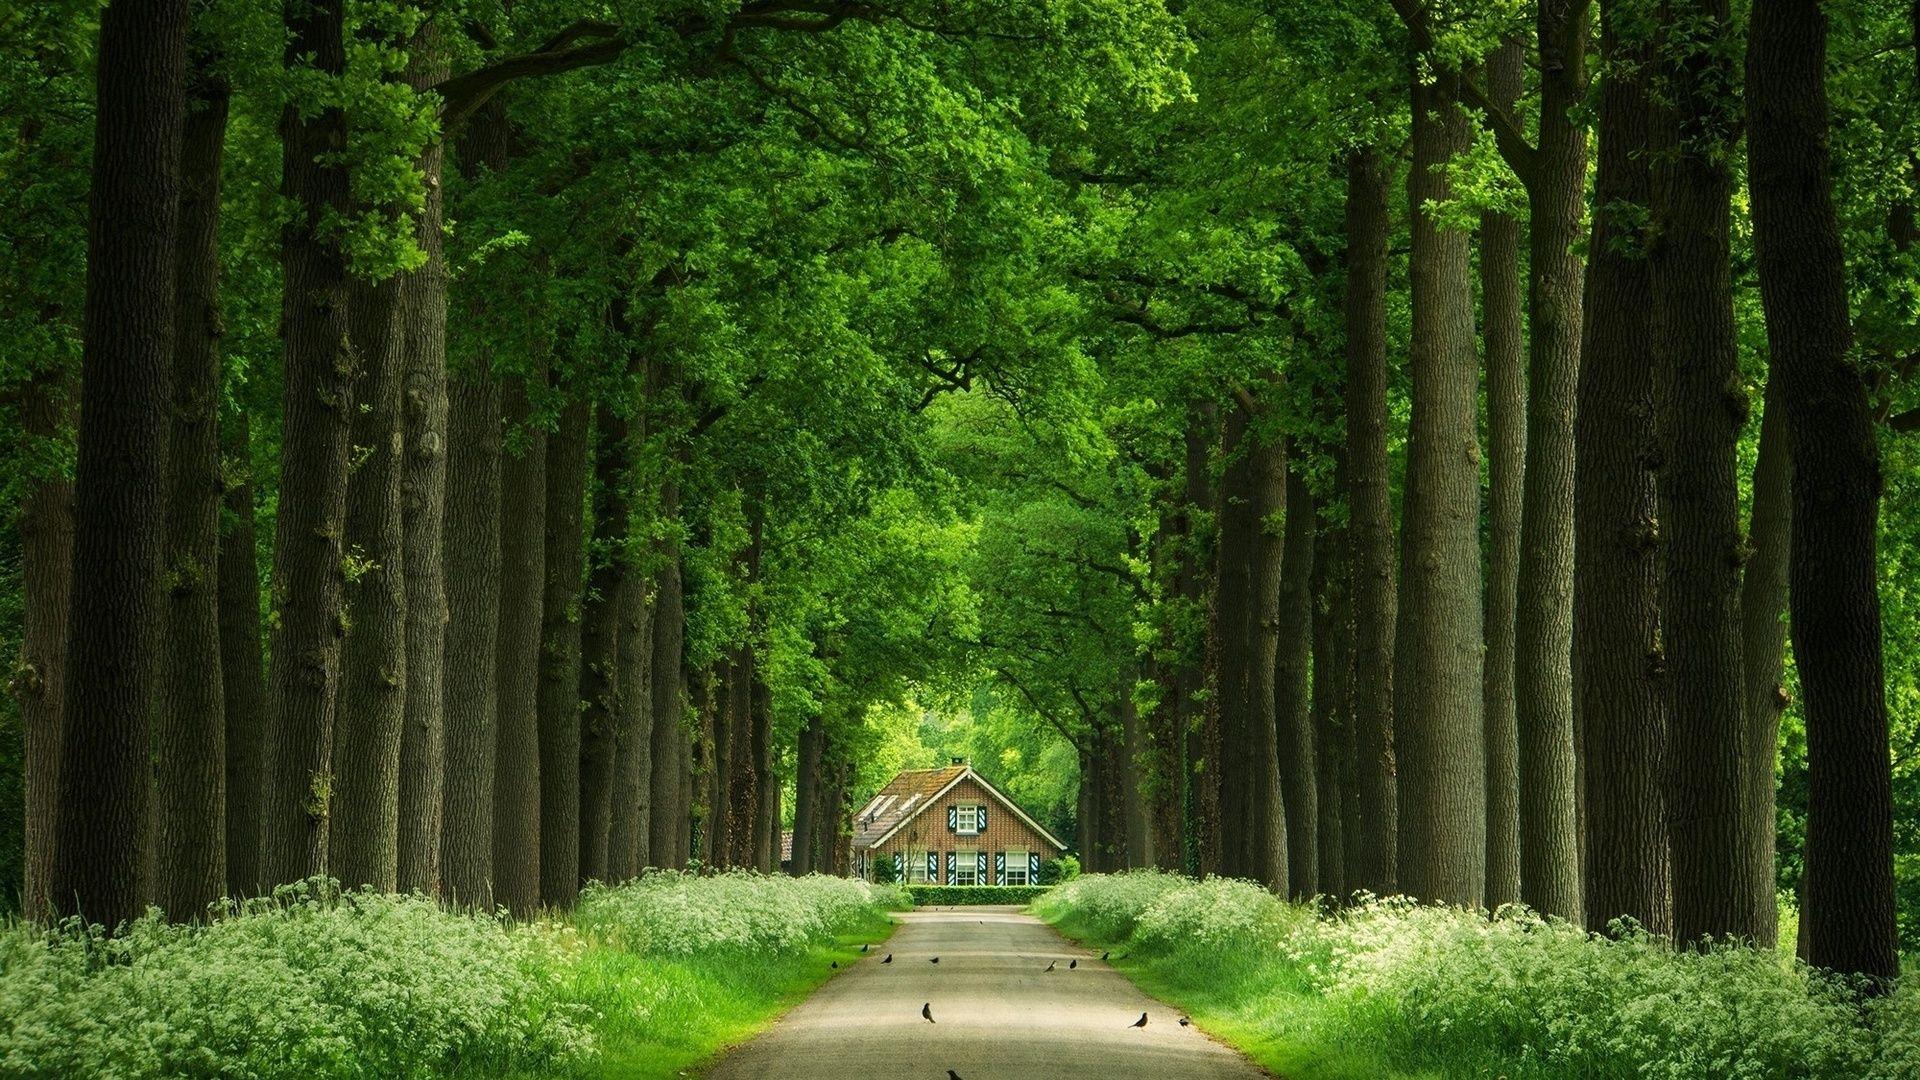 Wallpaper For Desktop Desktop Beautiful Avenue In The Forest